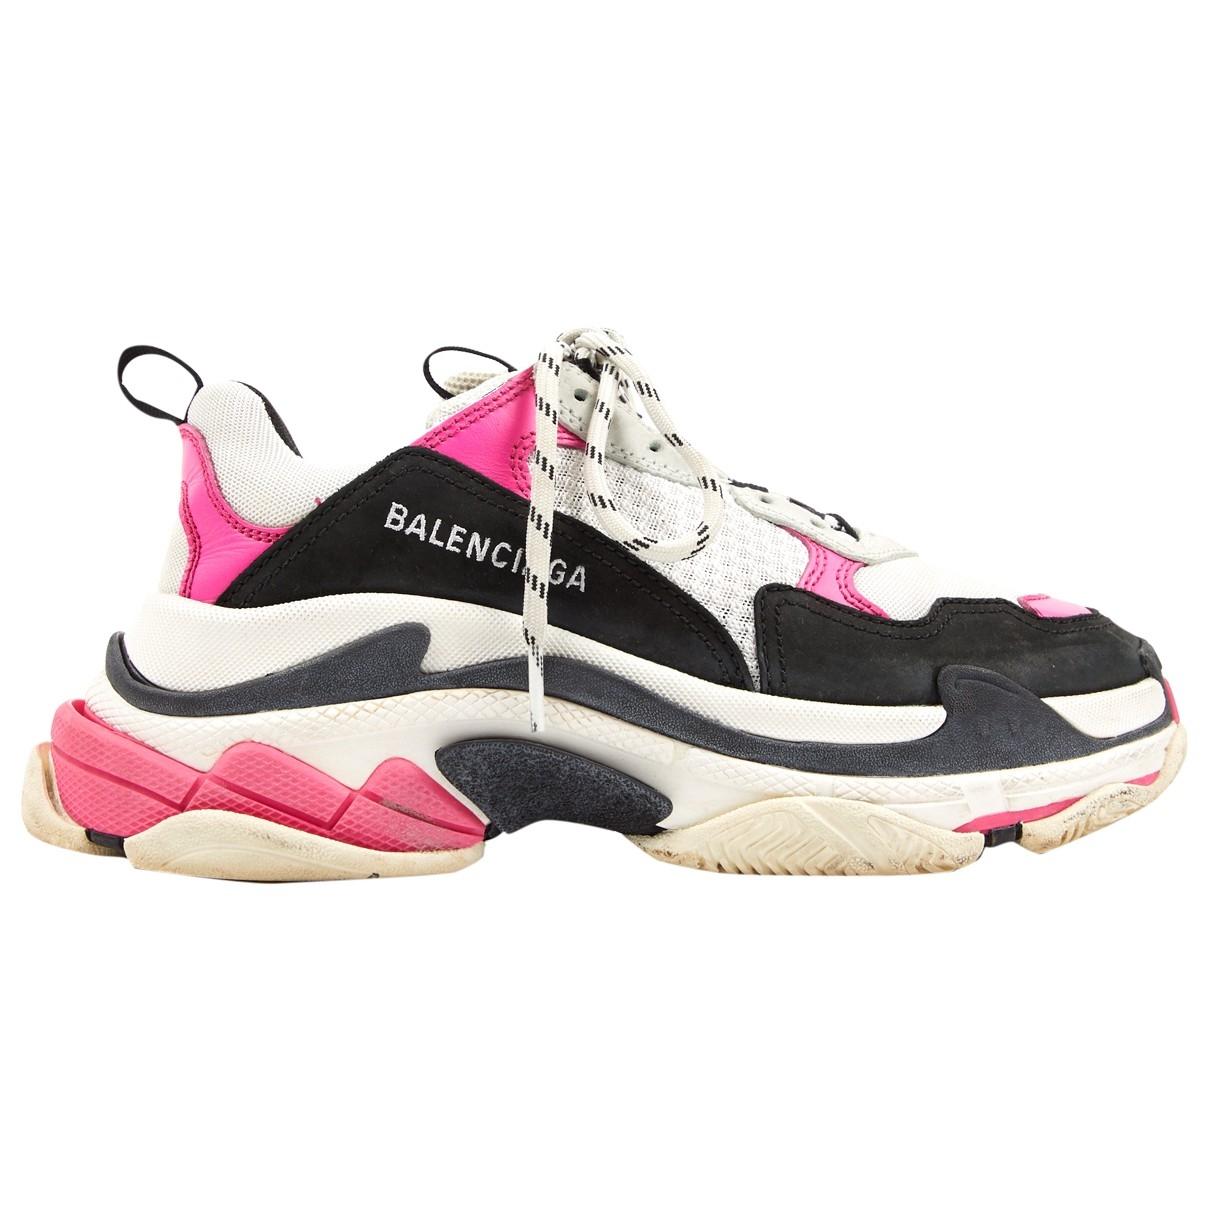 Balenciaga - Baskets Triple S pour femme en toile - rose